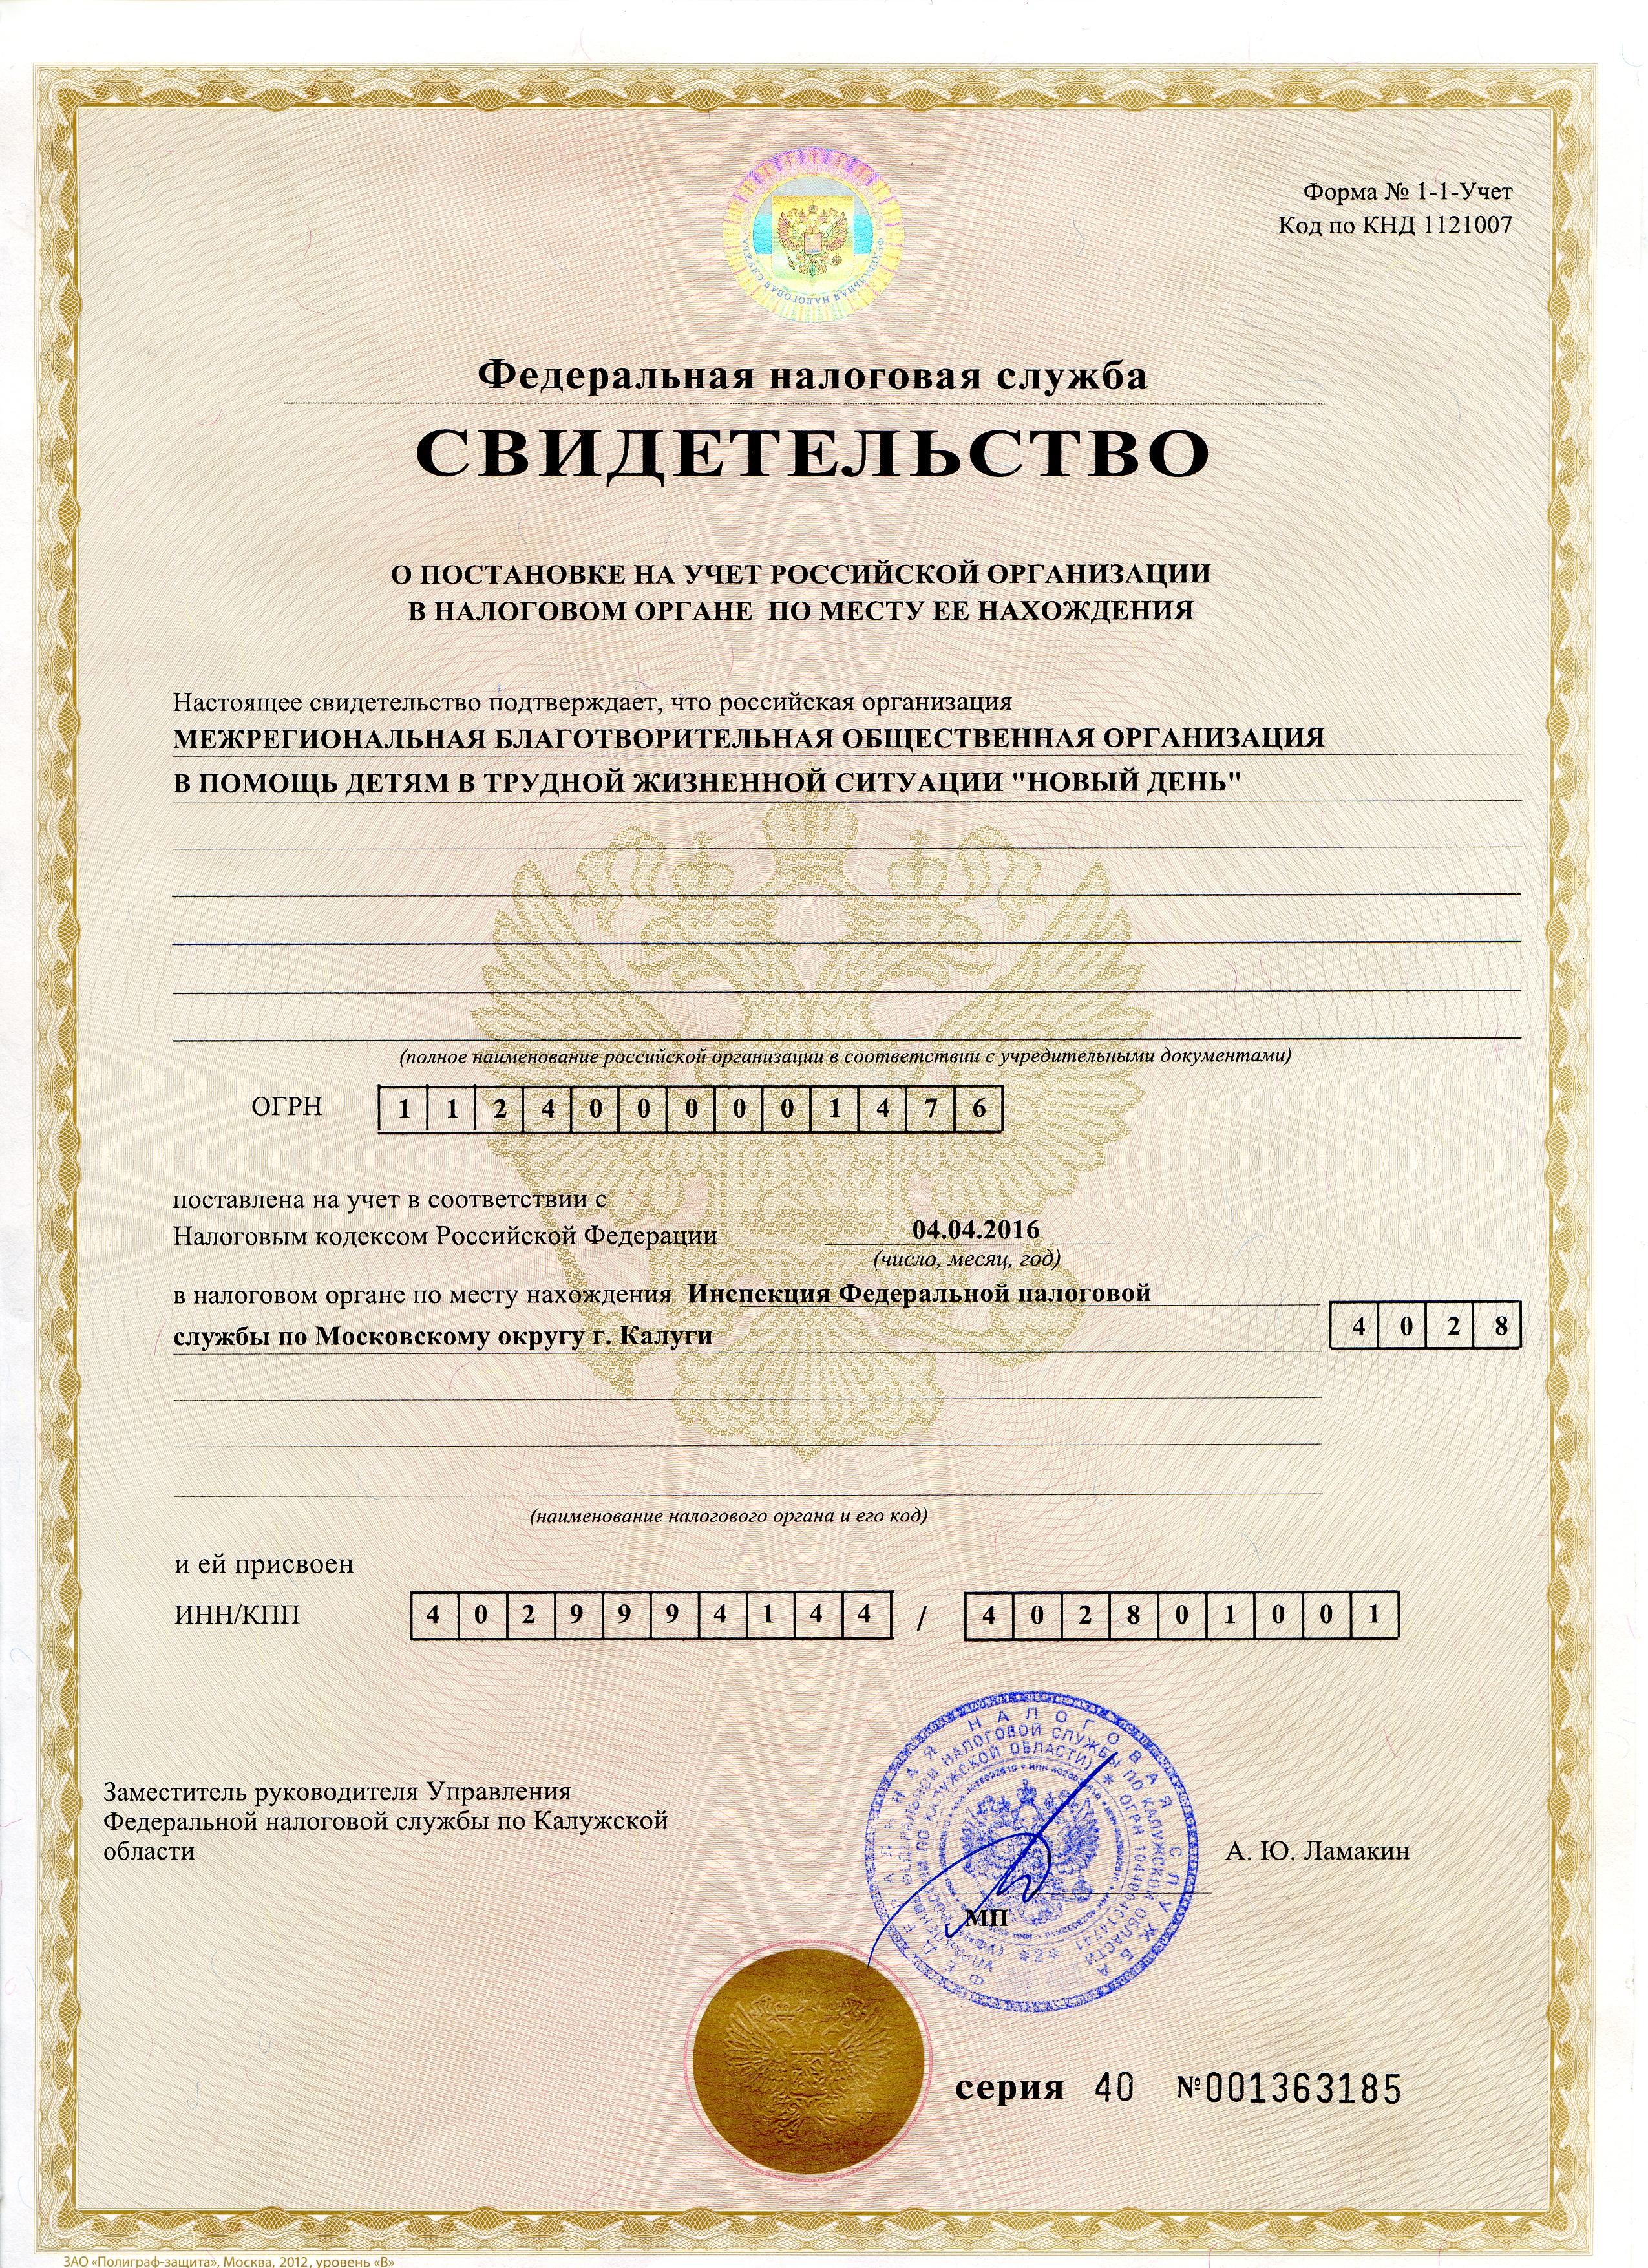 Свидетельство о постановке на учет 2 редакция060